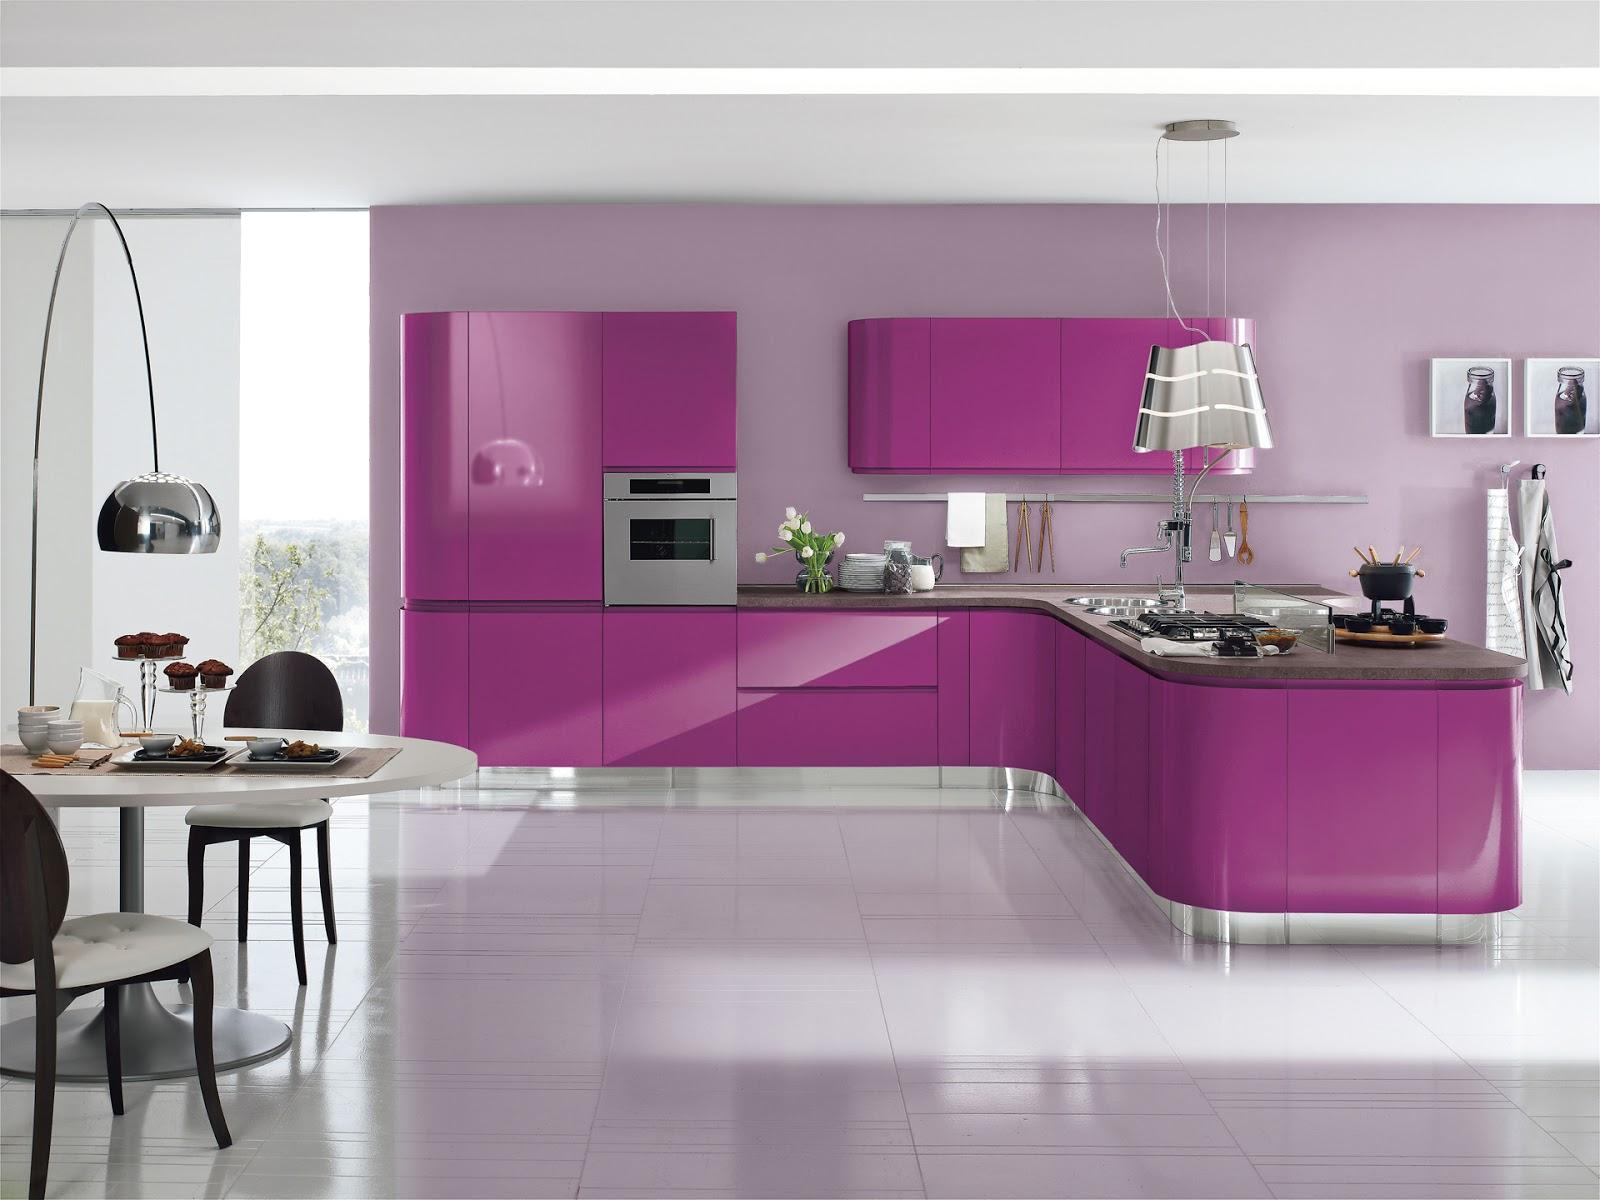 El acabado de la cocina brillo o mate cocinas con estilo - Cocina color lila ...